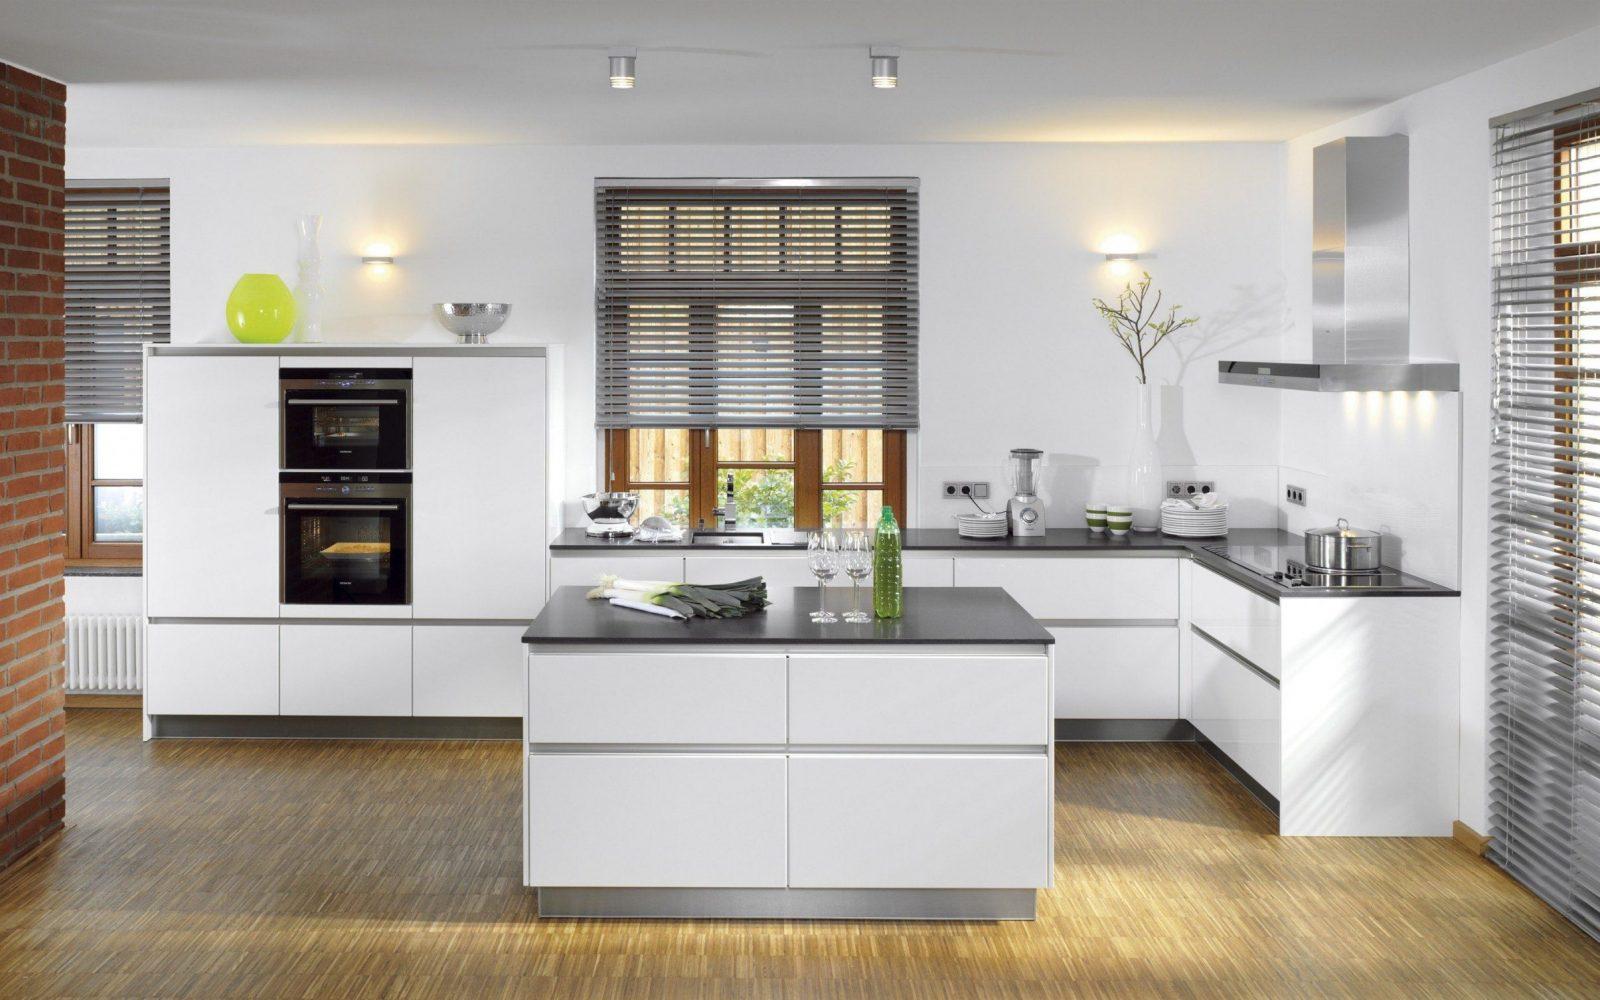 Offene Küche Wohnzimmer Abtrennen Awesome 30 Fene Küche Esszimmer von Offene Küche Wohnzimmer Abtrennen Bild